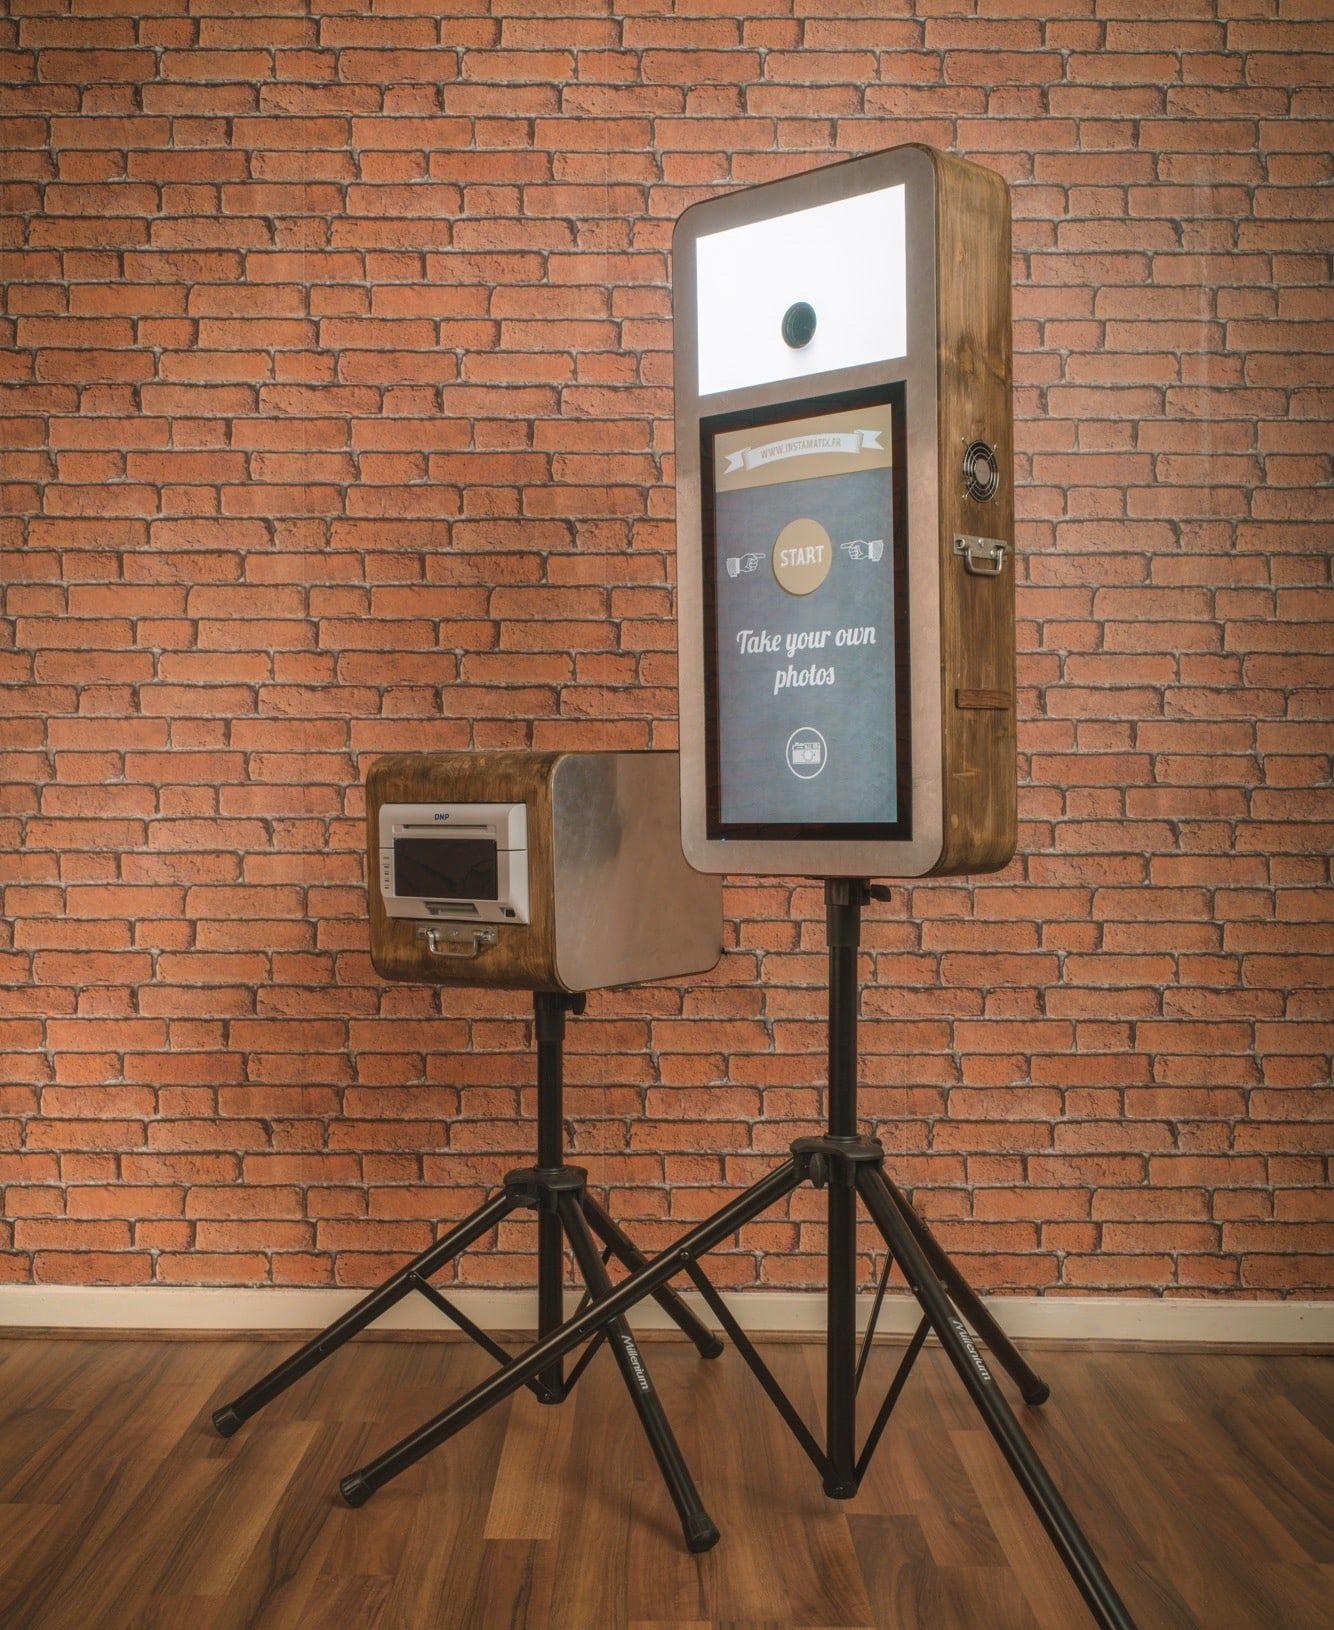 La Machine Photo - Location Photo Booth Autonome Marseille Provence